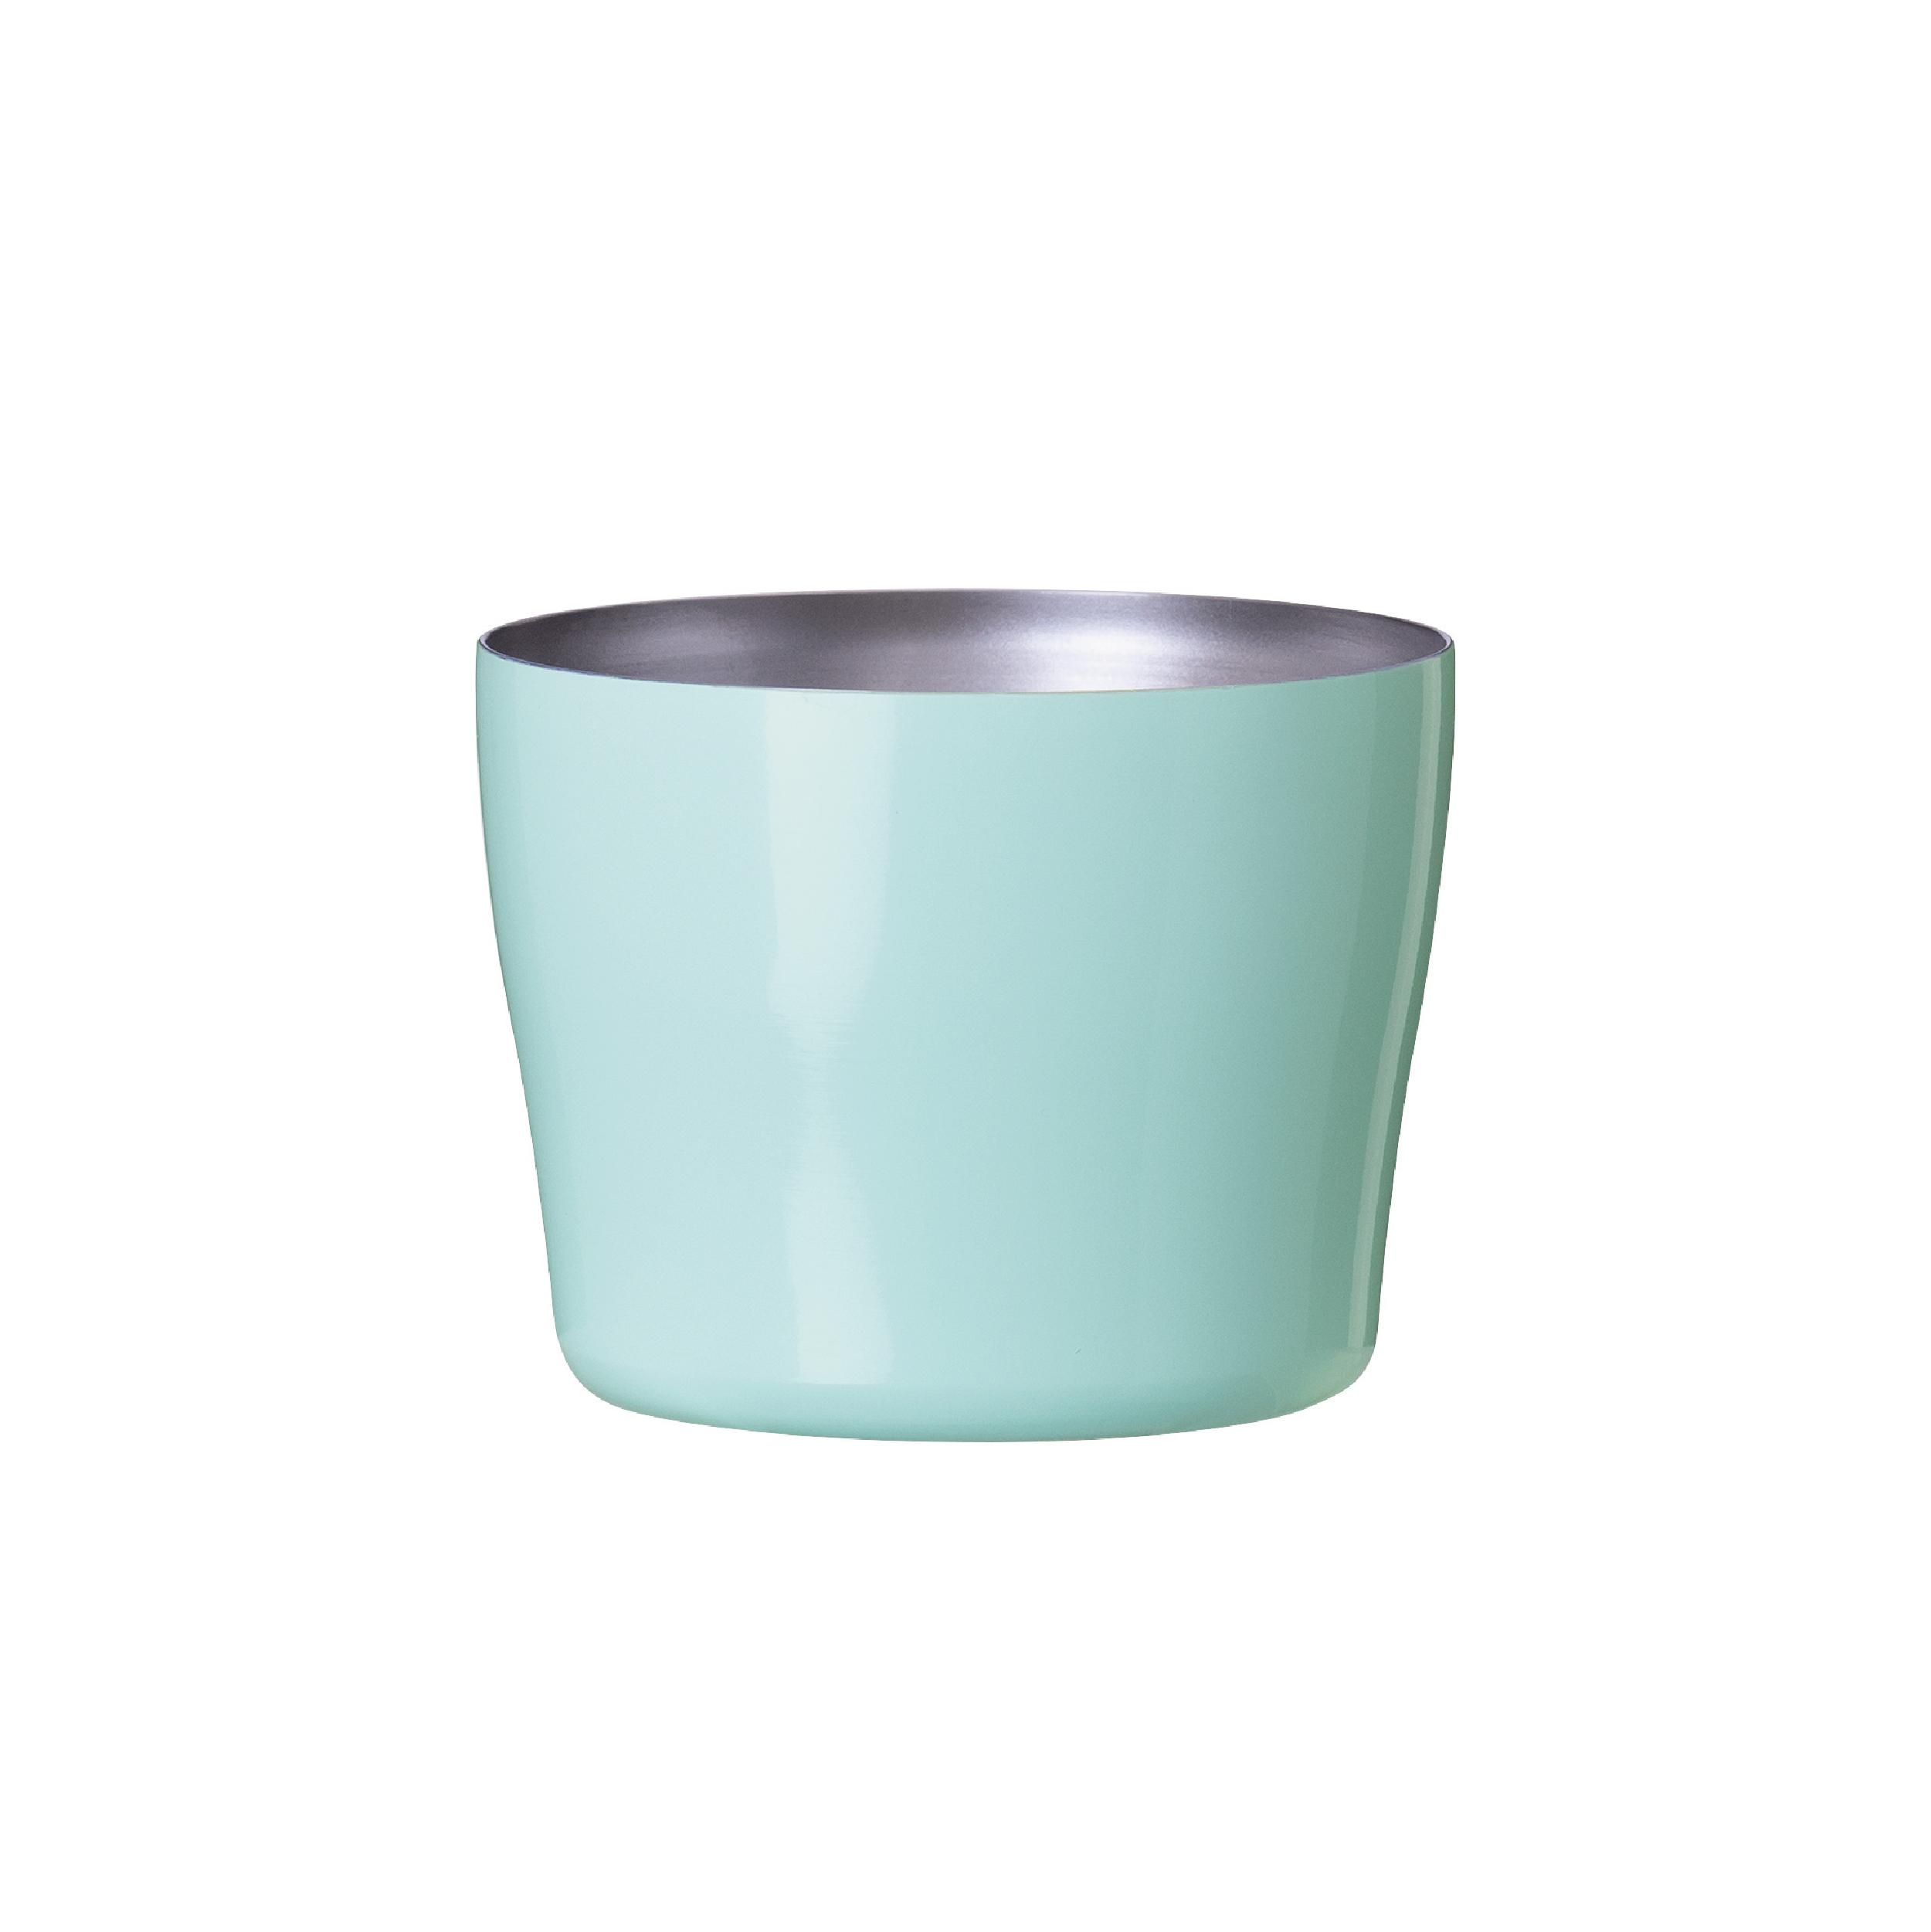 Sinqs アイスクリームカップ150ml ブルー